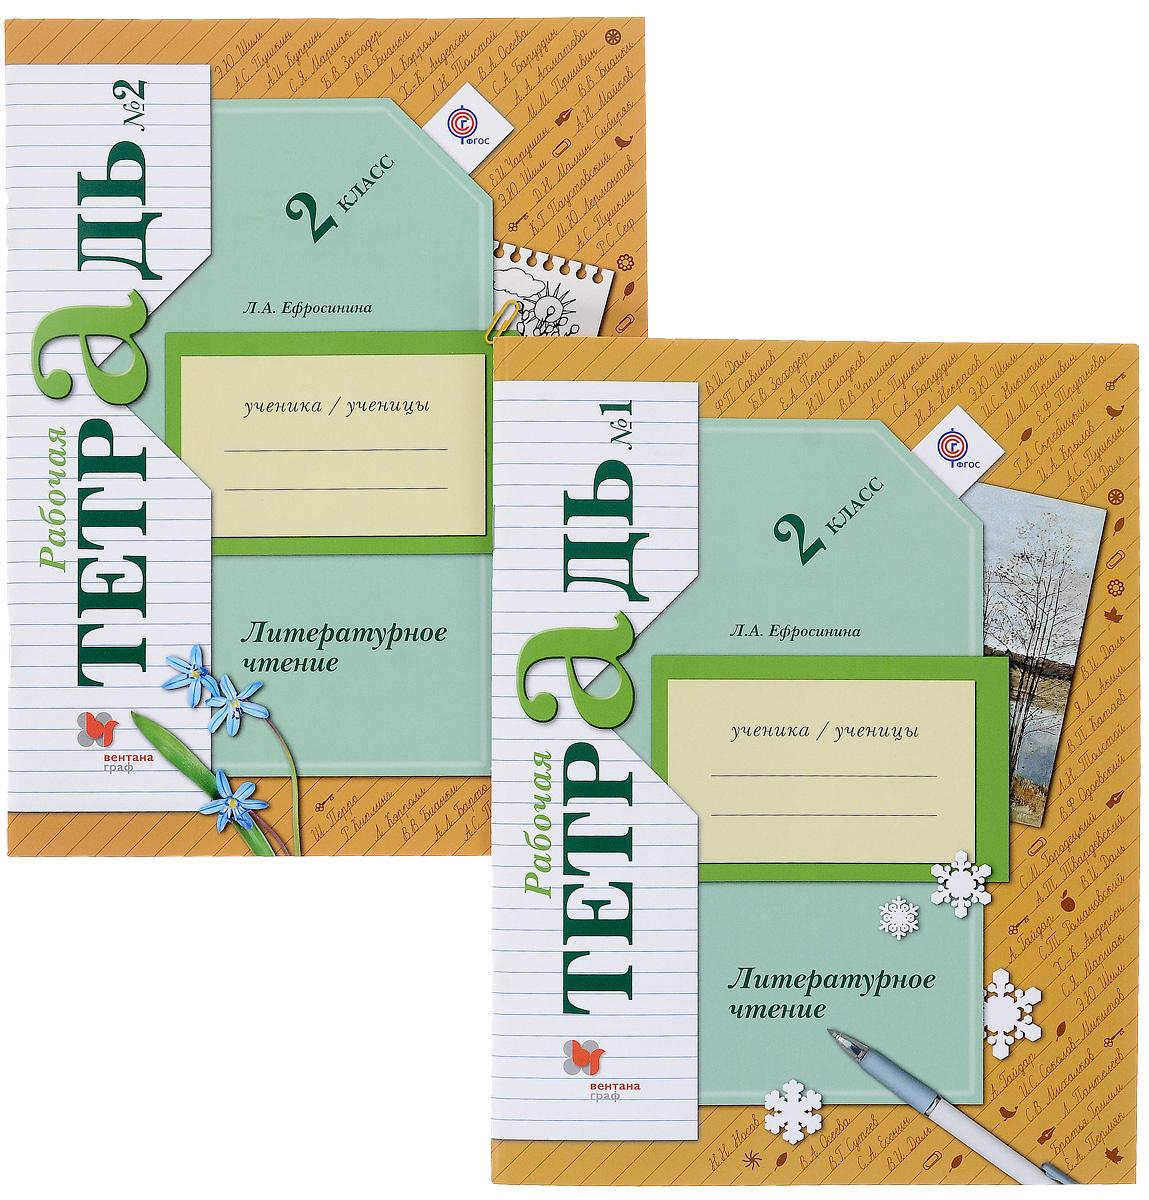 Литературное чтение. 2 класс. Рабочая тетрадь (комплект из 2 книг)  #1